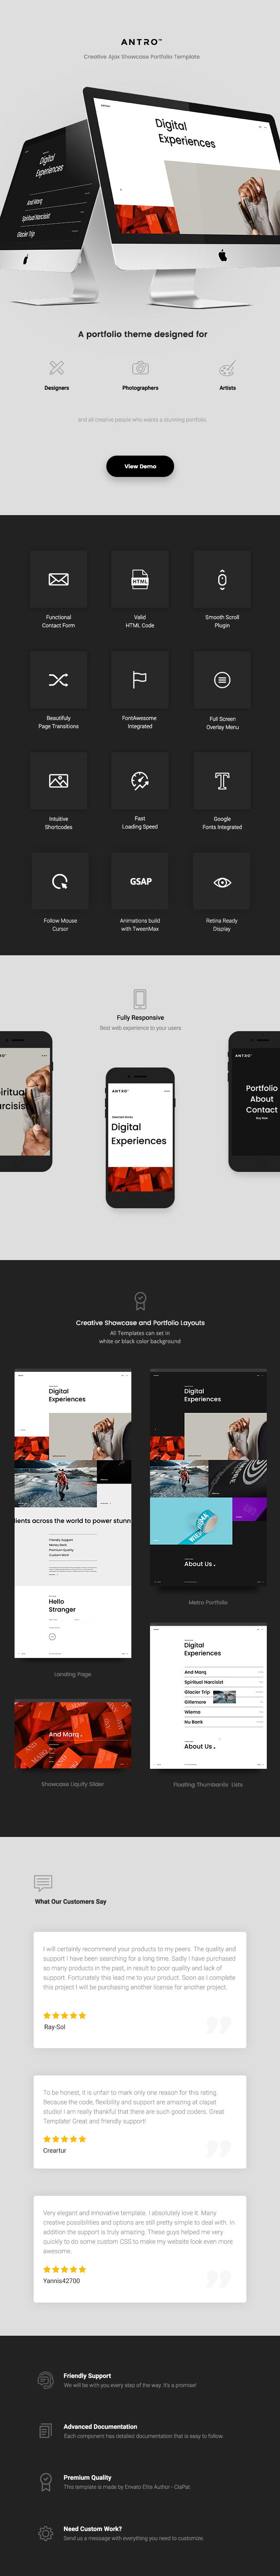 HTML showcase portfolio Antro